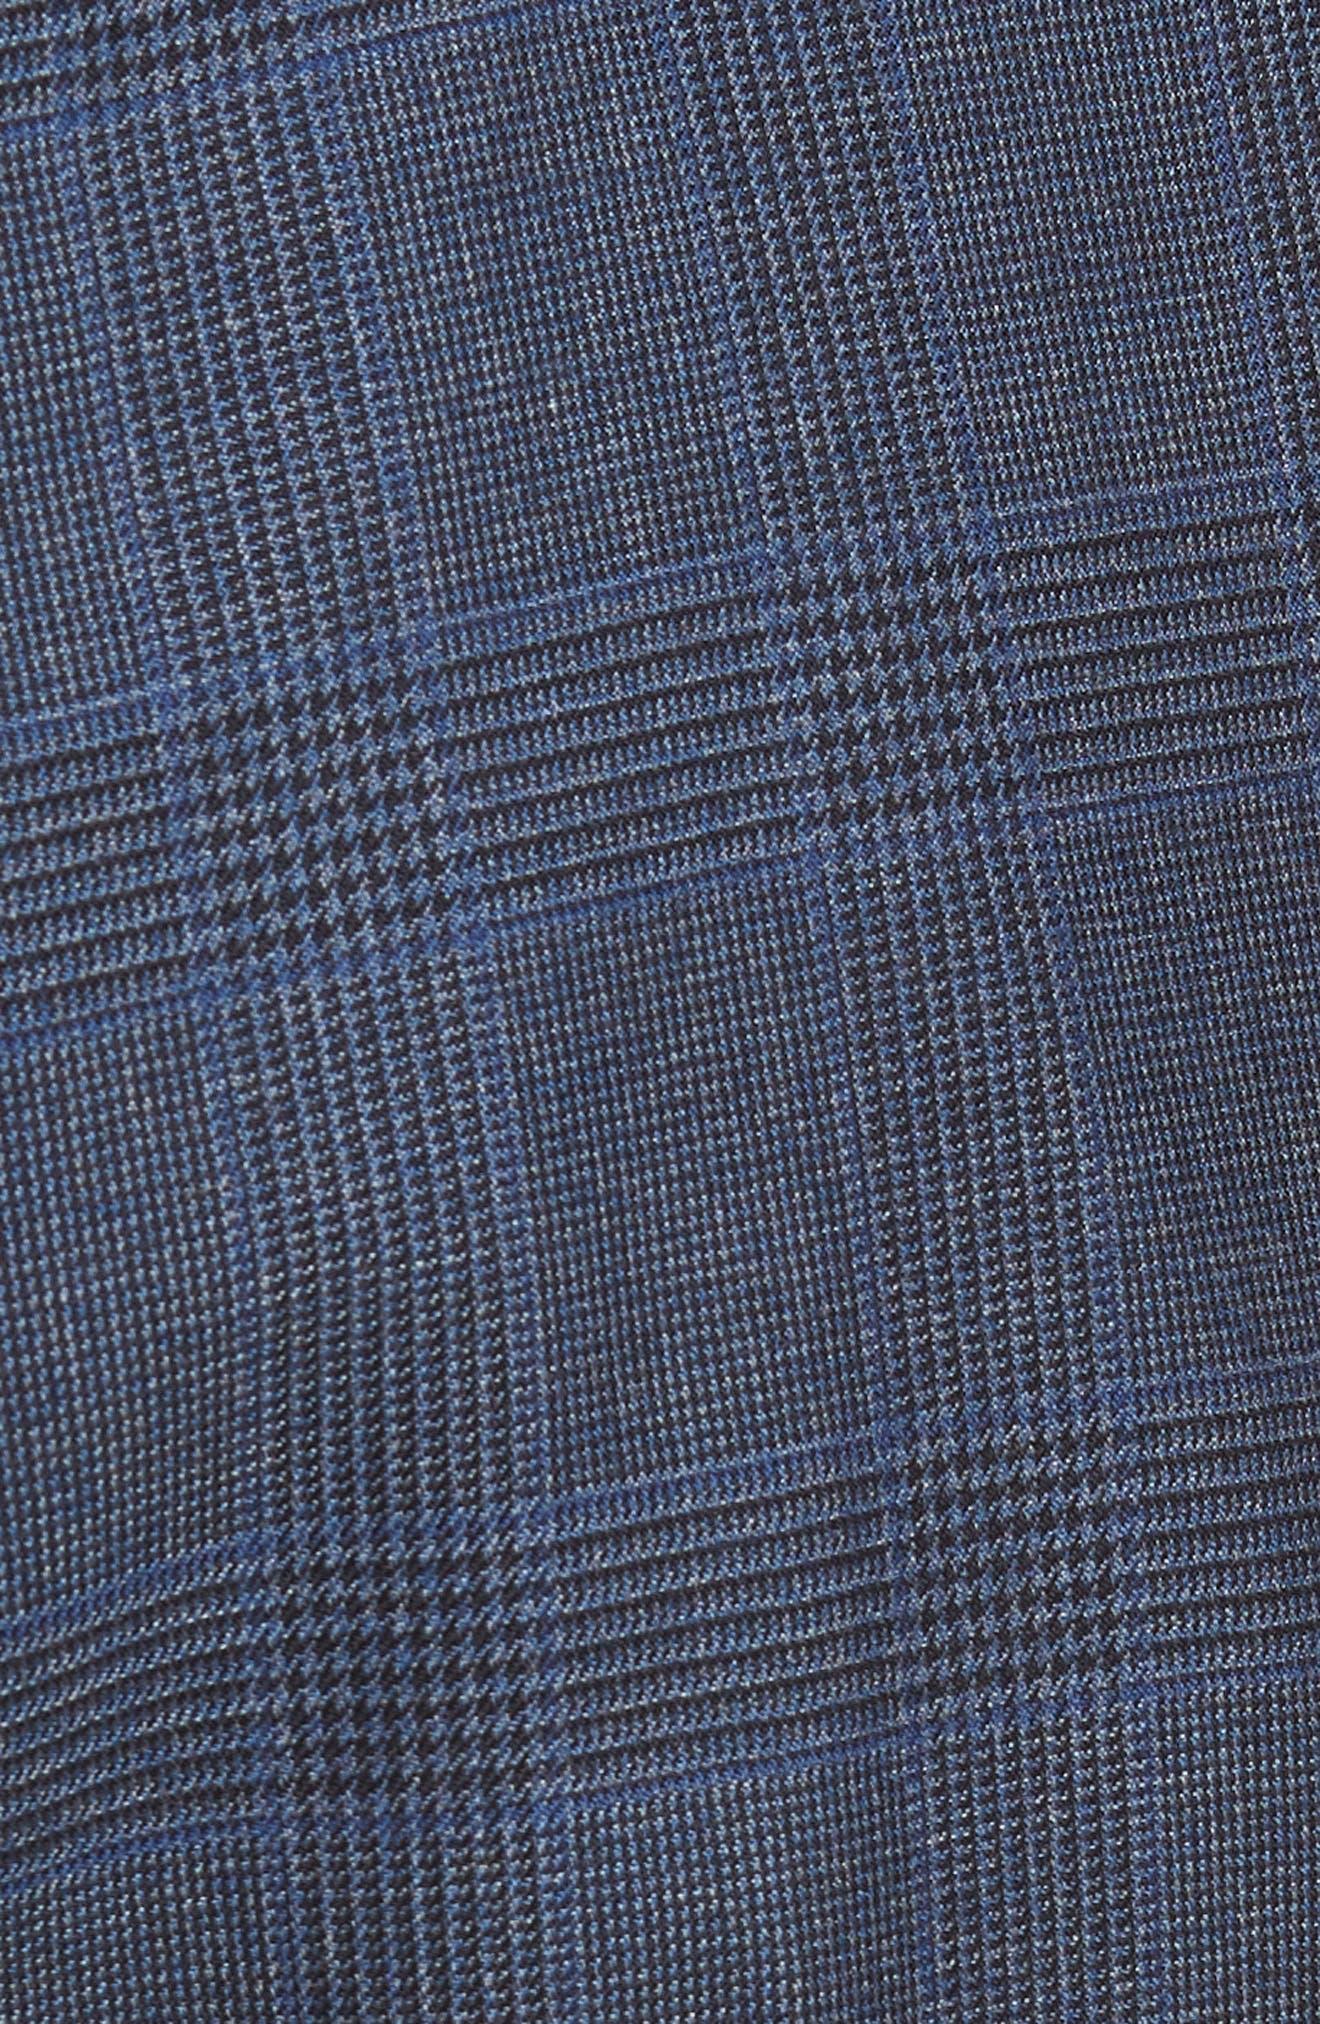 Ludlow Trim Fit Glen Plaid Wool Pants,                             Alternate thumbnail 5, color,                             400